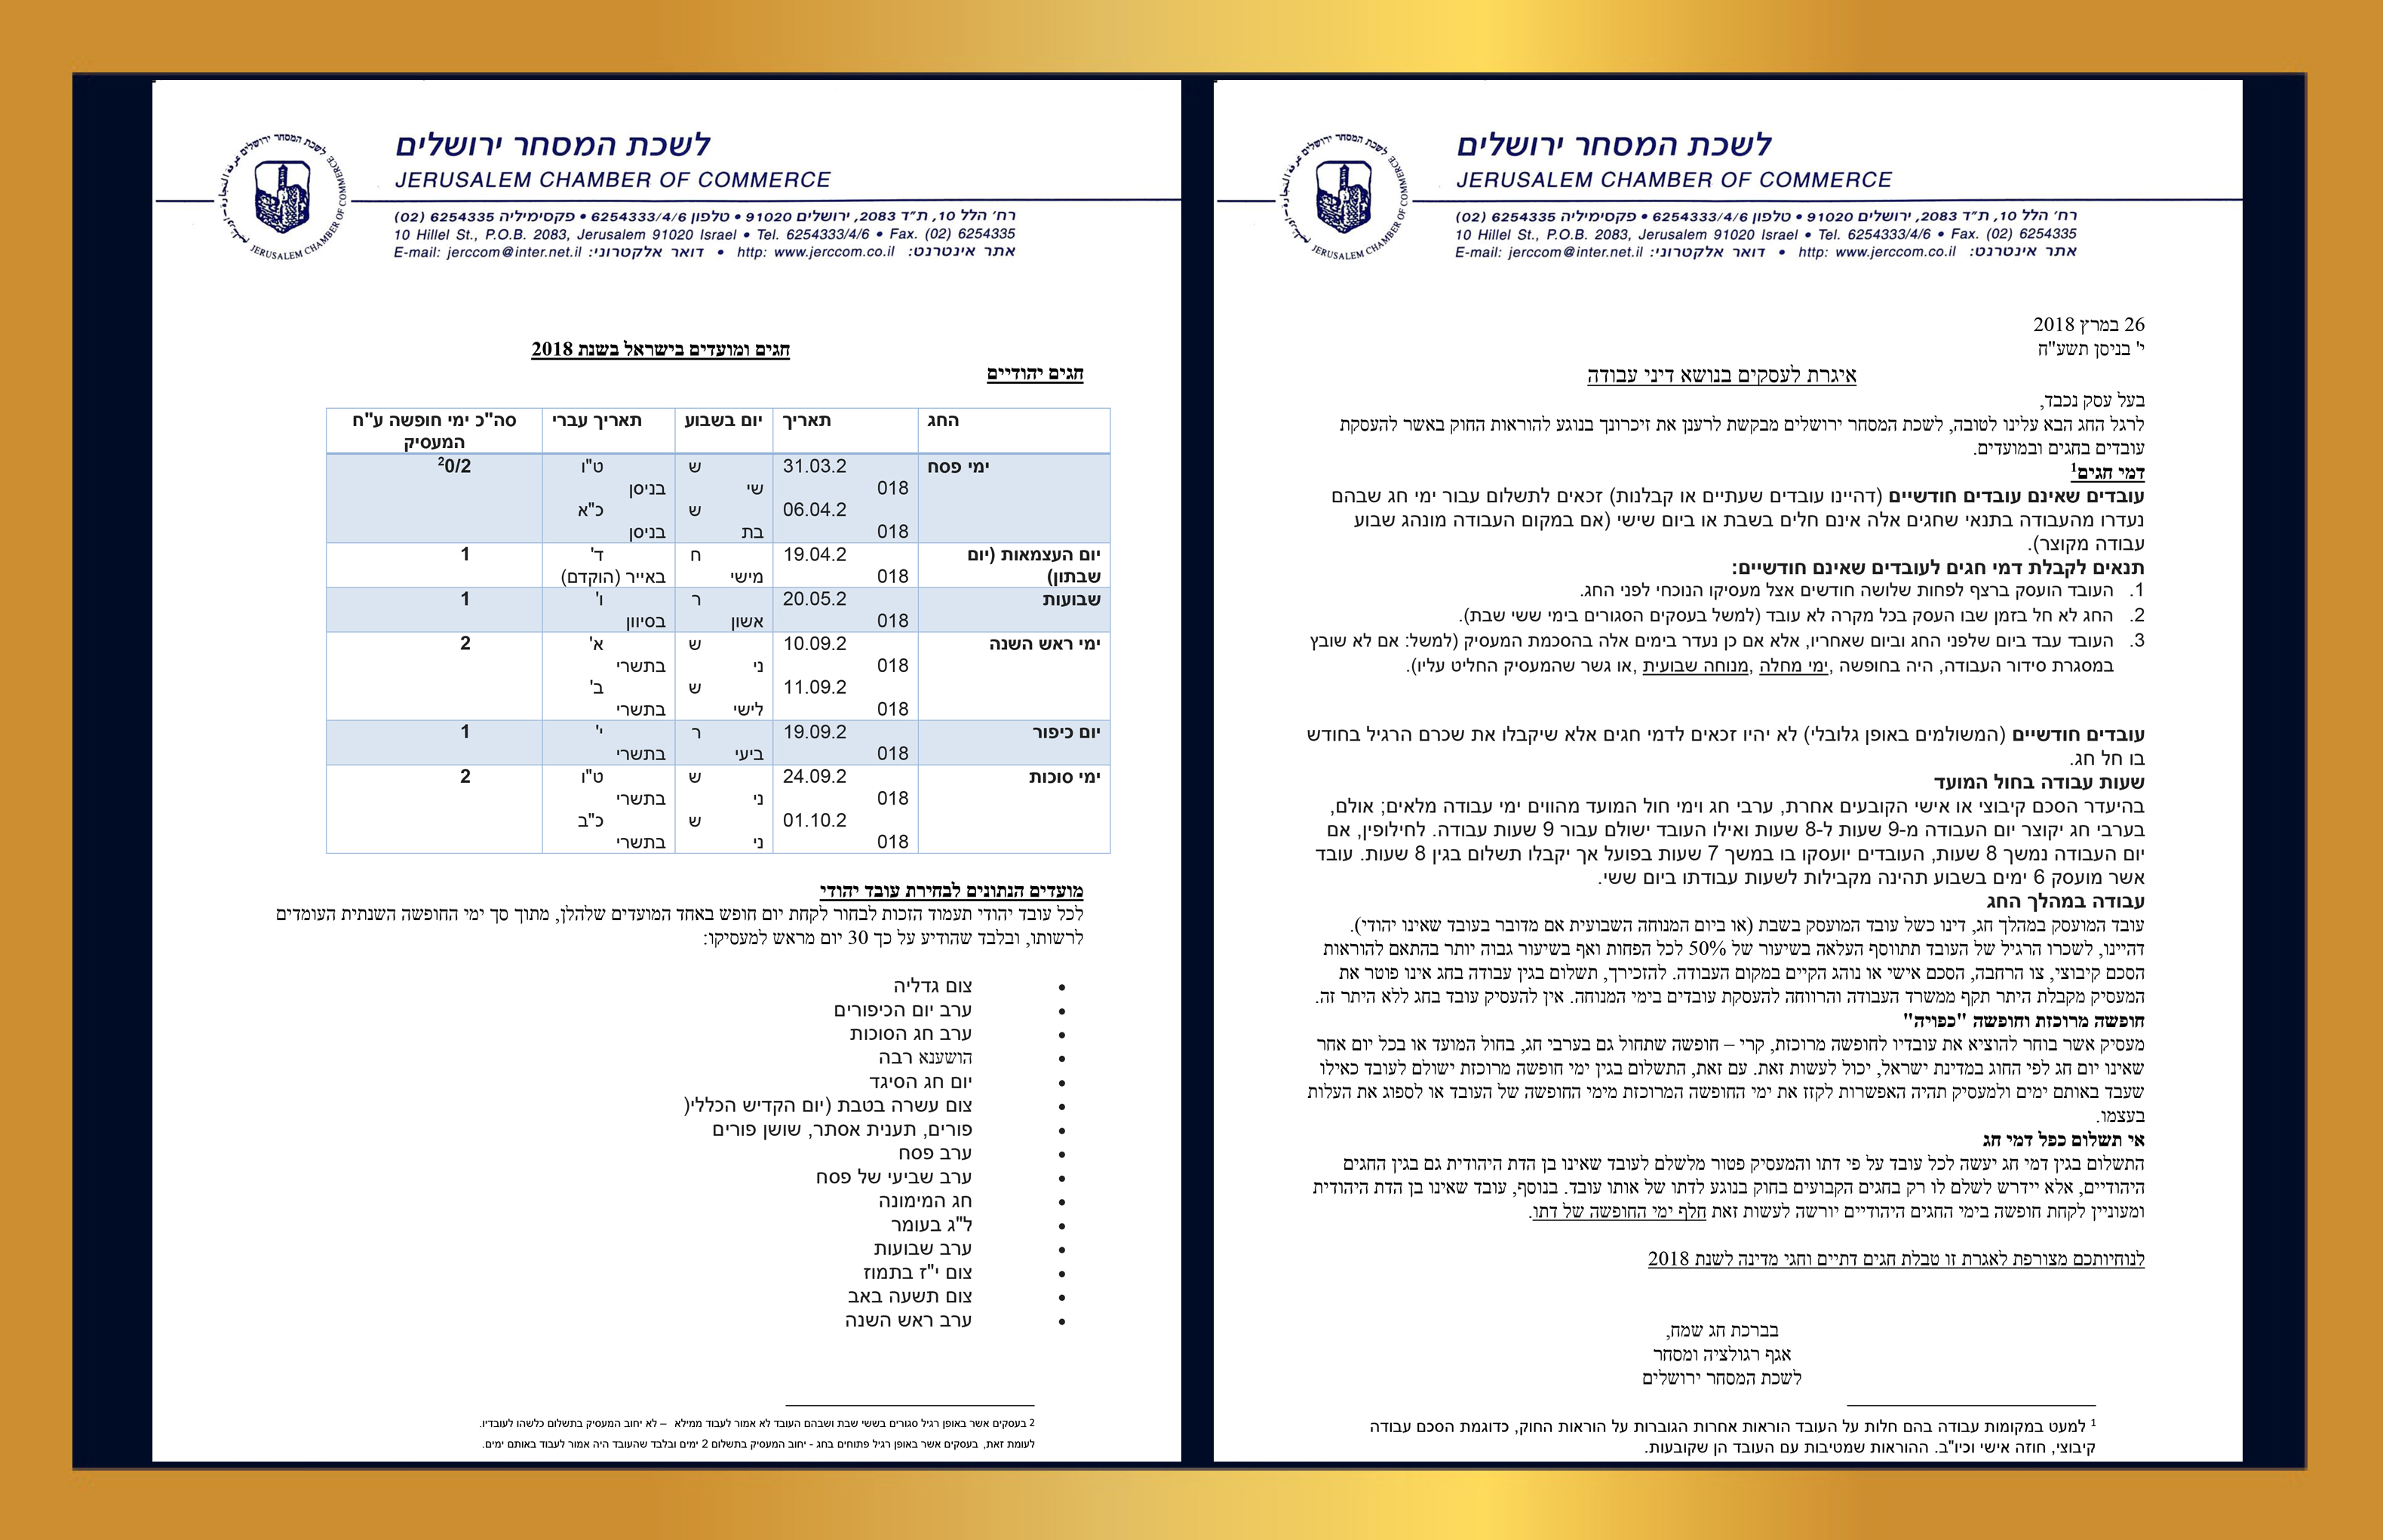 עמודים 1+2 איגרת דיני עבודה לעסקים לרגל חג ה פסח